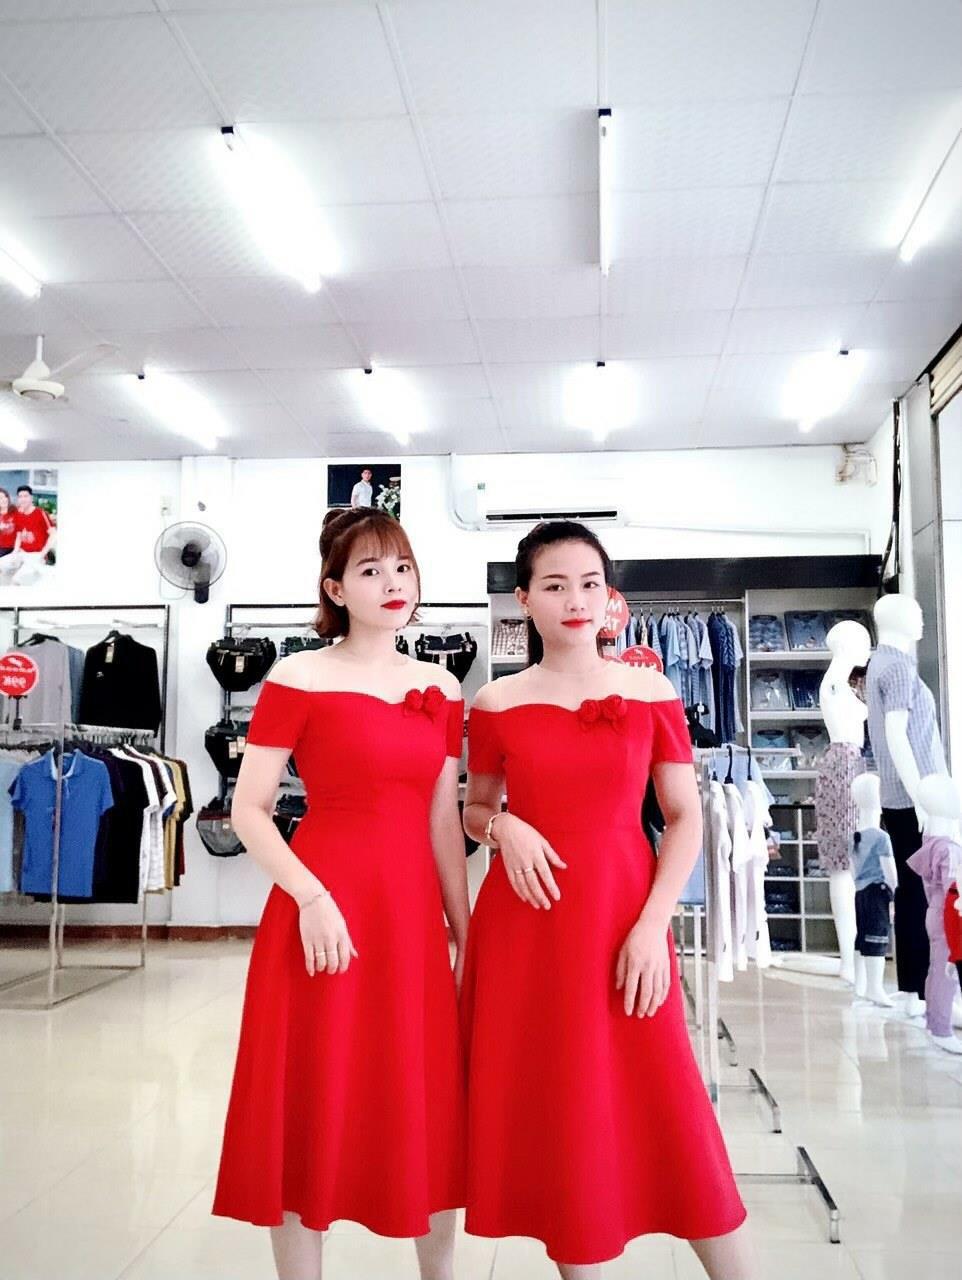 Thời Trang Amado Việt Nam cập nhật xu hướng thời trang mới nhất - Ảnh 1.